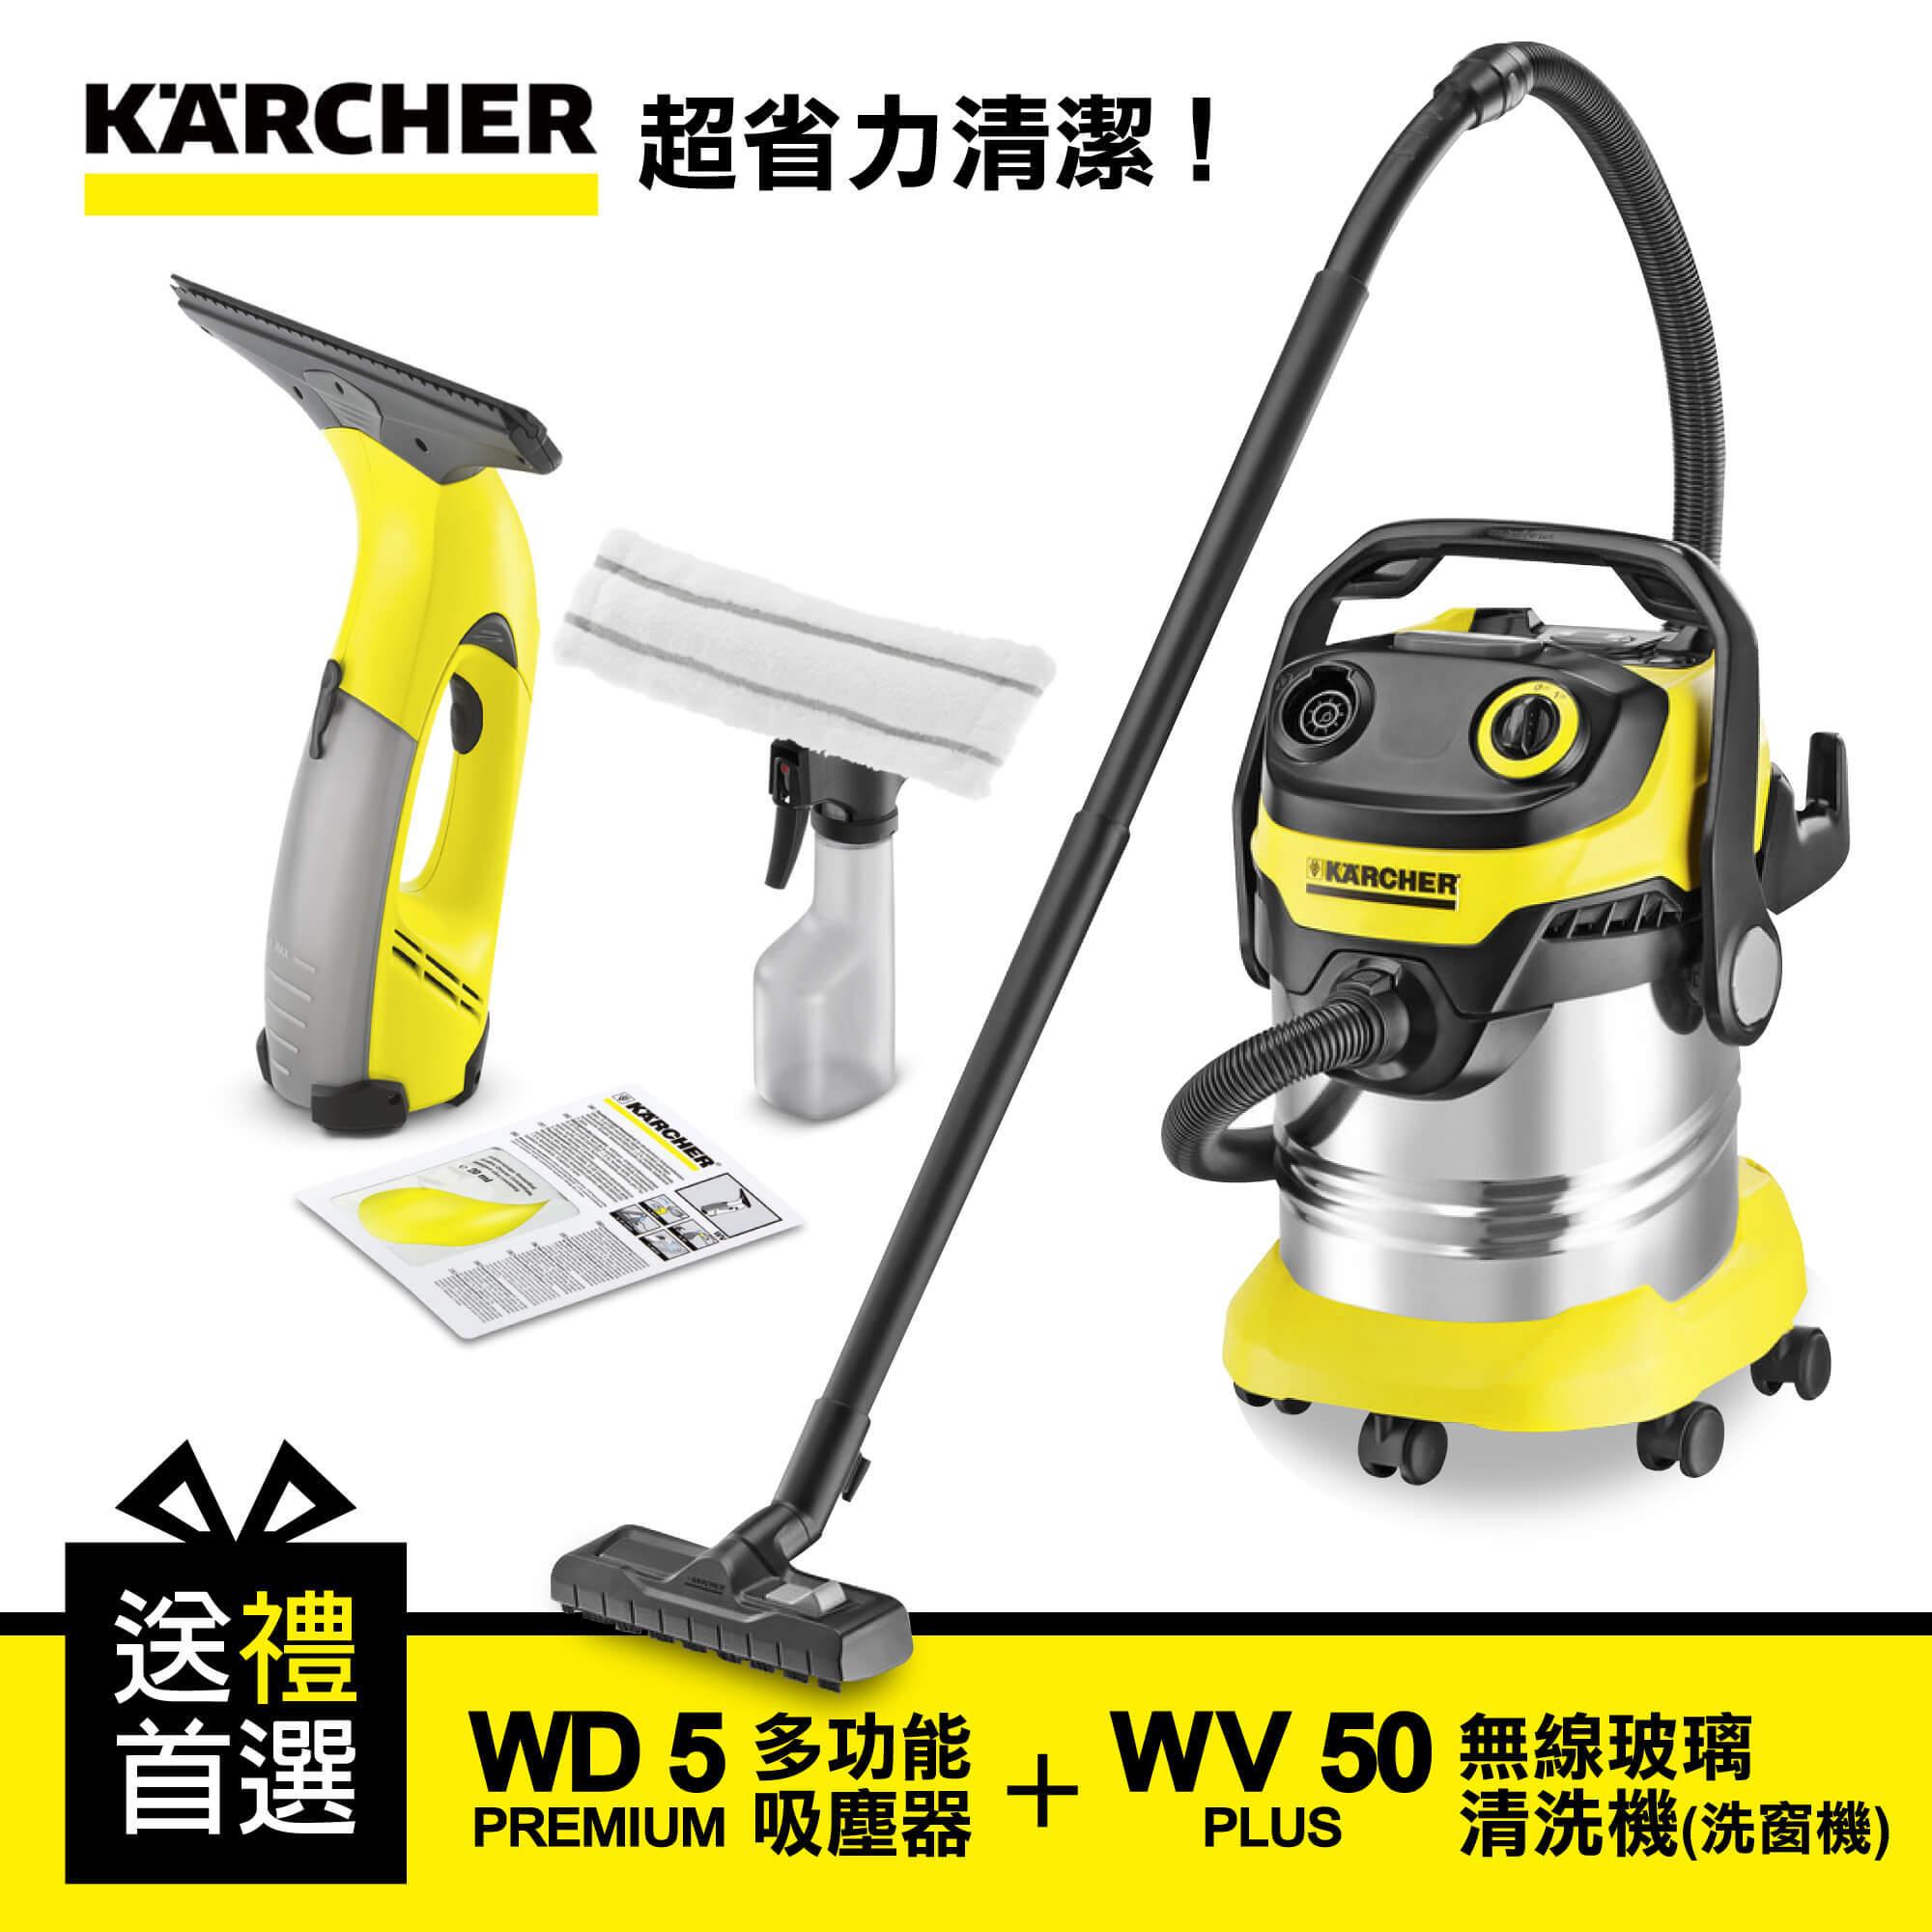 多功能乾濕兩用吸塵器|WD 5 + 升級WV1(原WV50洗窗機)